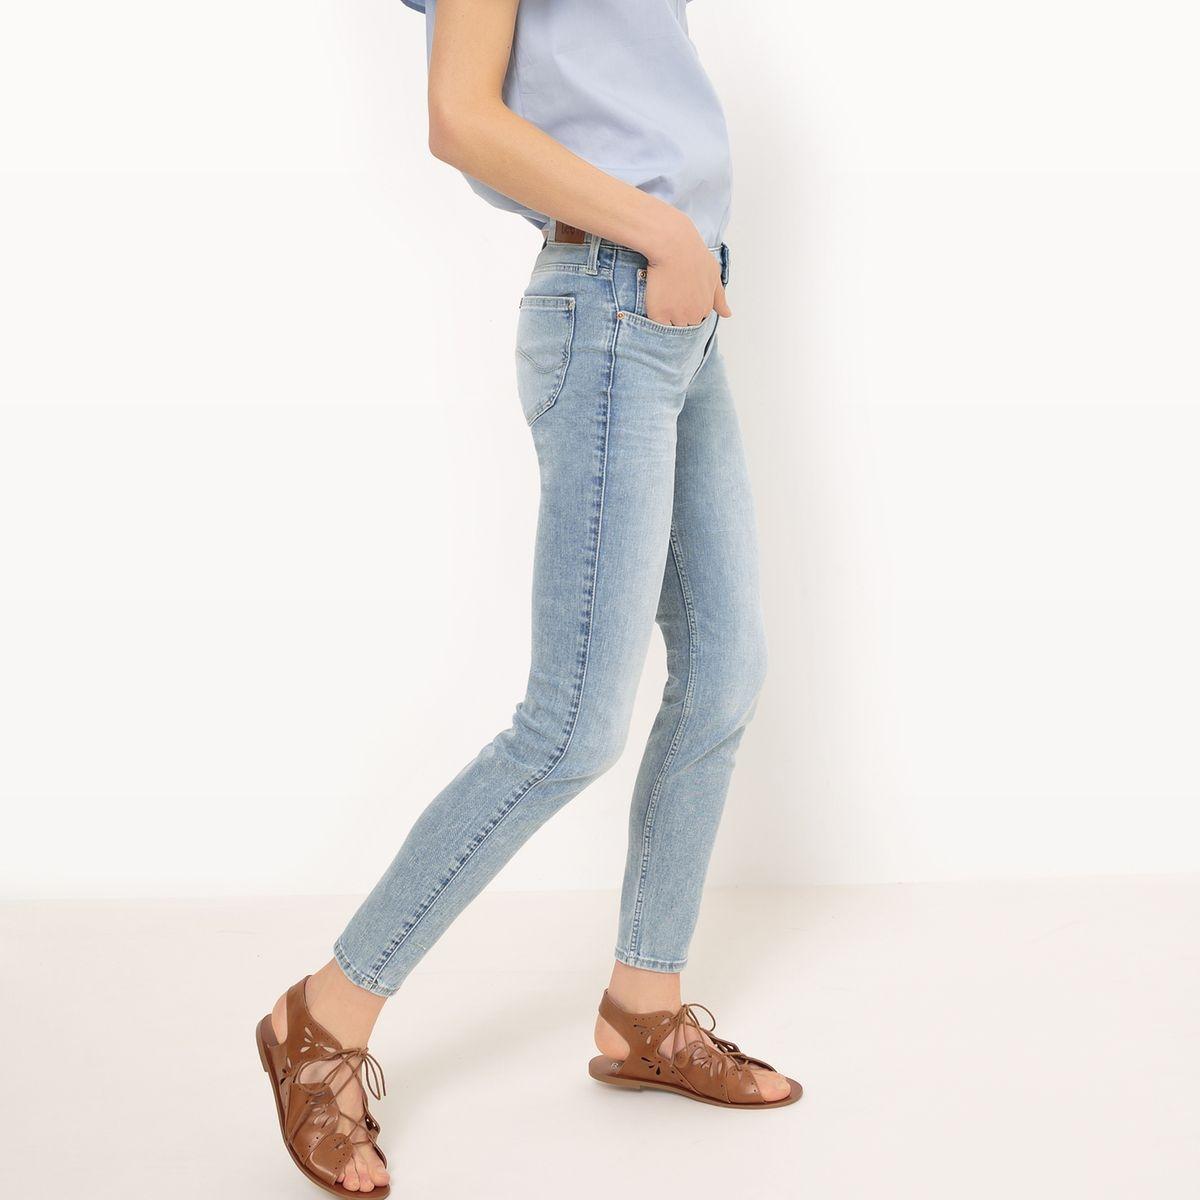 Jean skinny SCARLETT, taille normale, L31